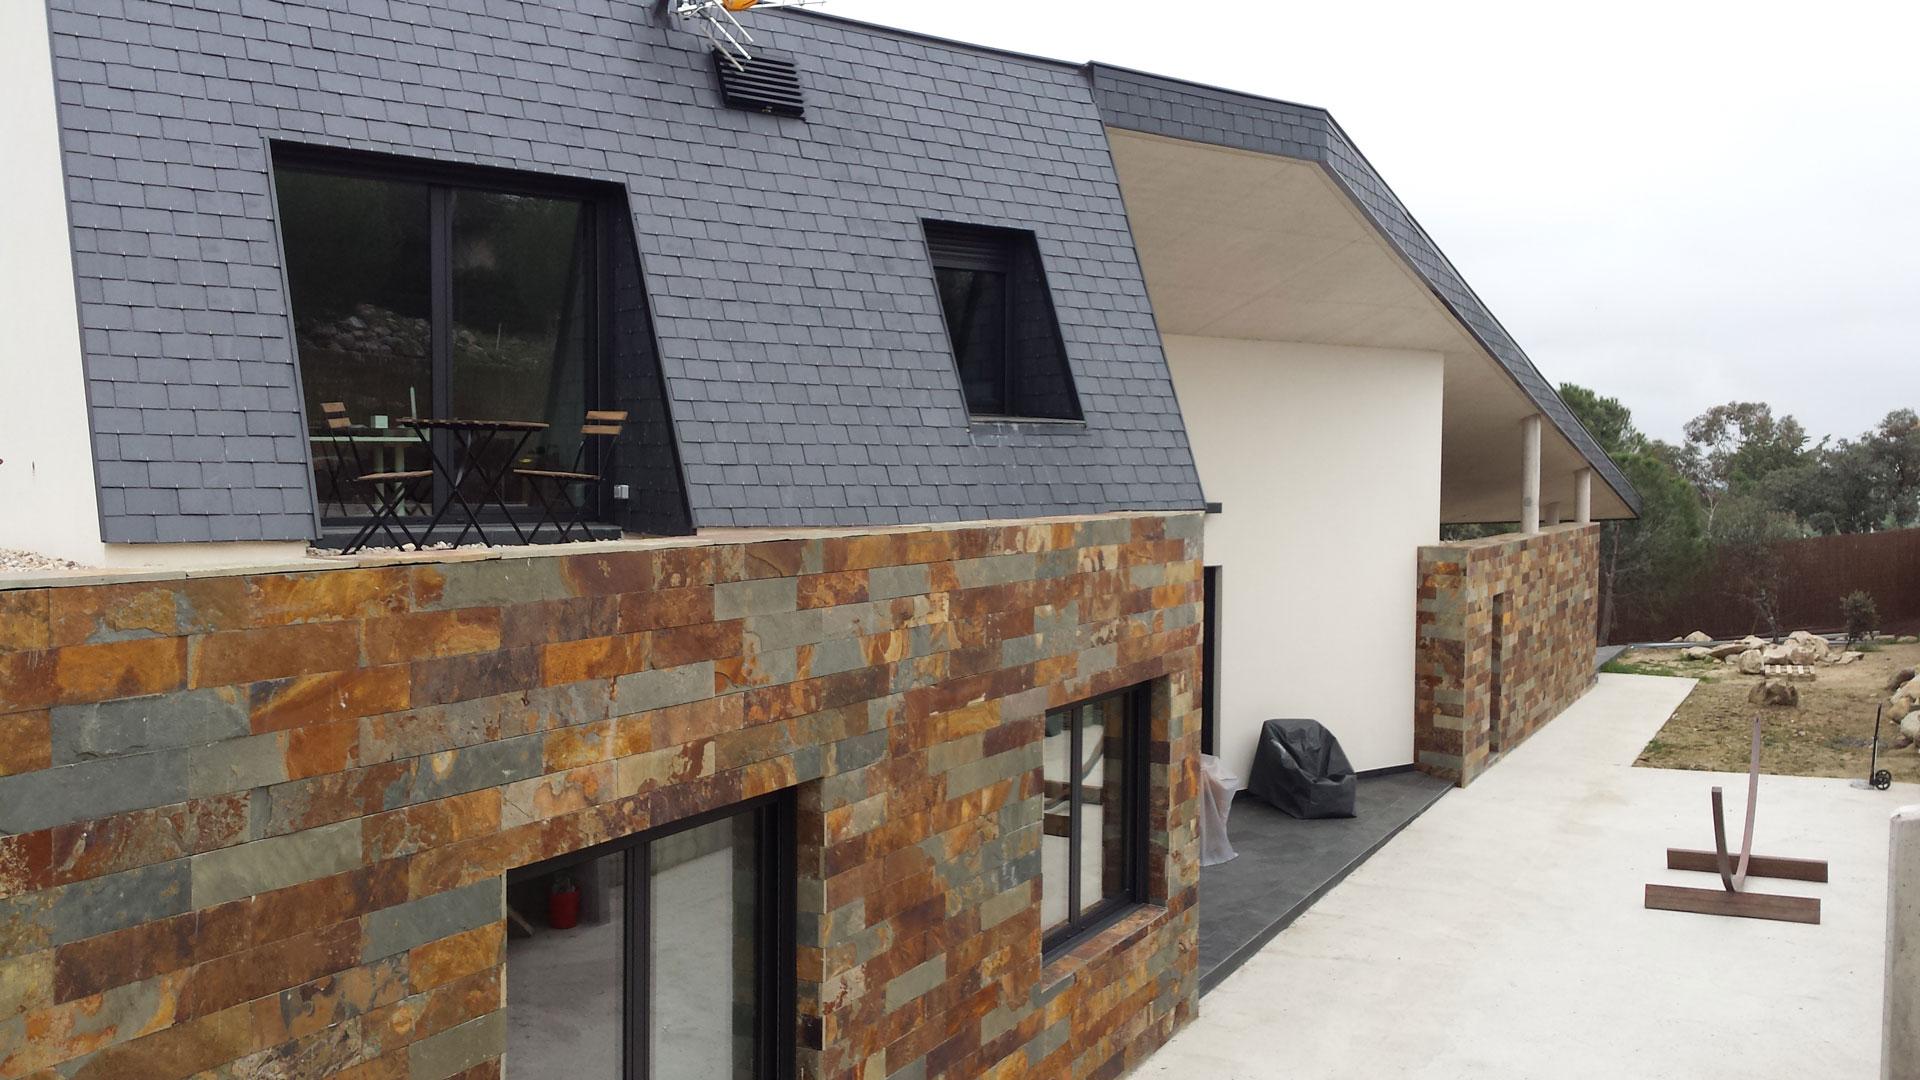 Fachadas de casas com ceramica frente de casas com for Ceramica para fachadas exteriores